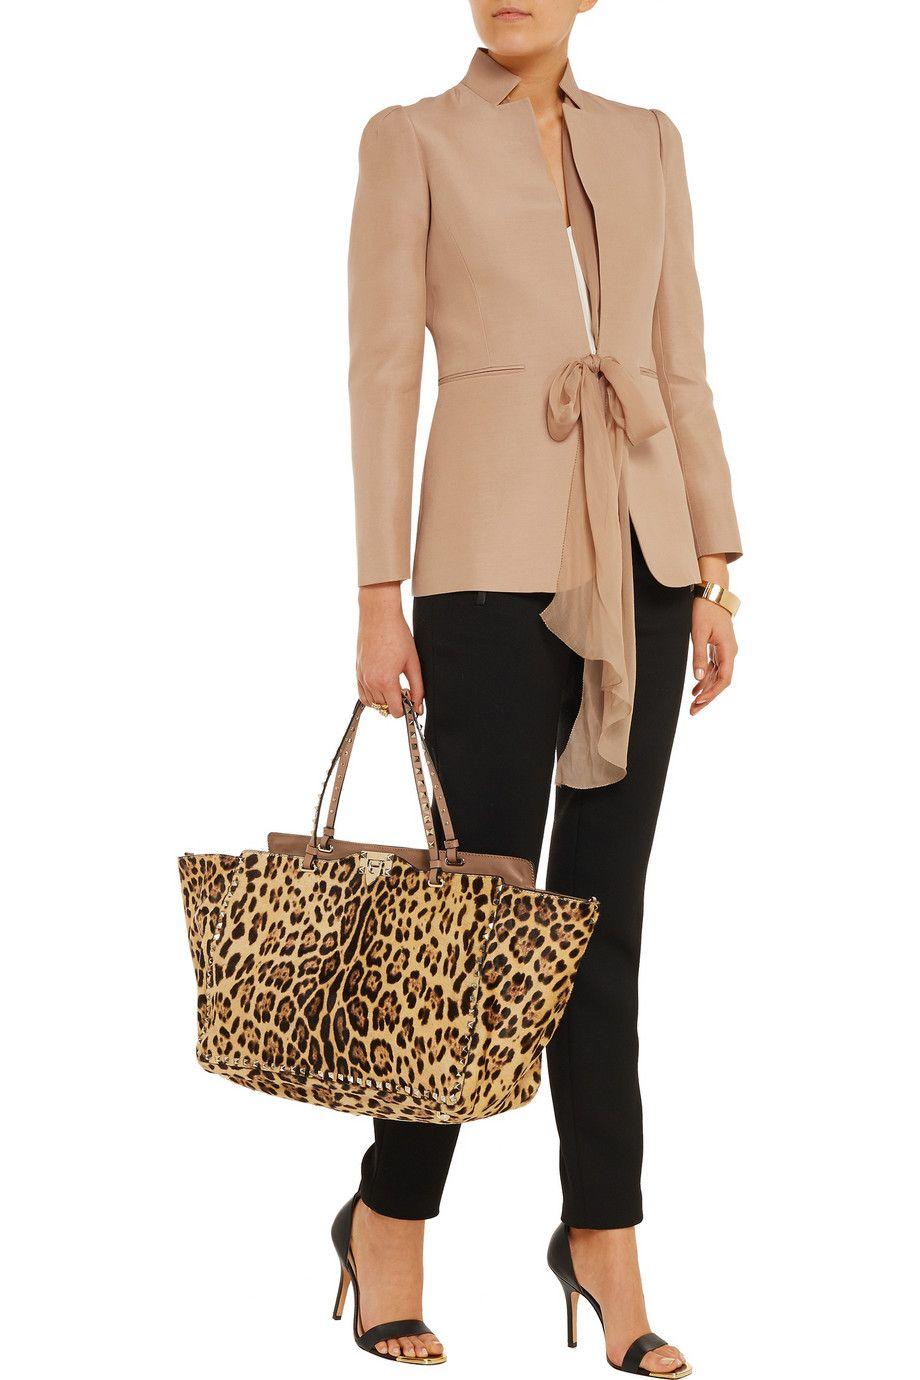 ValentinoSilk and cotton-blend faille blazer